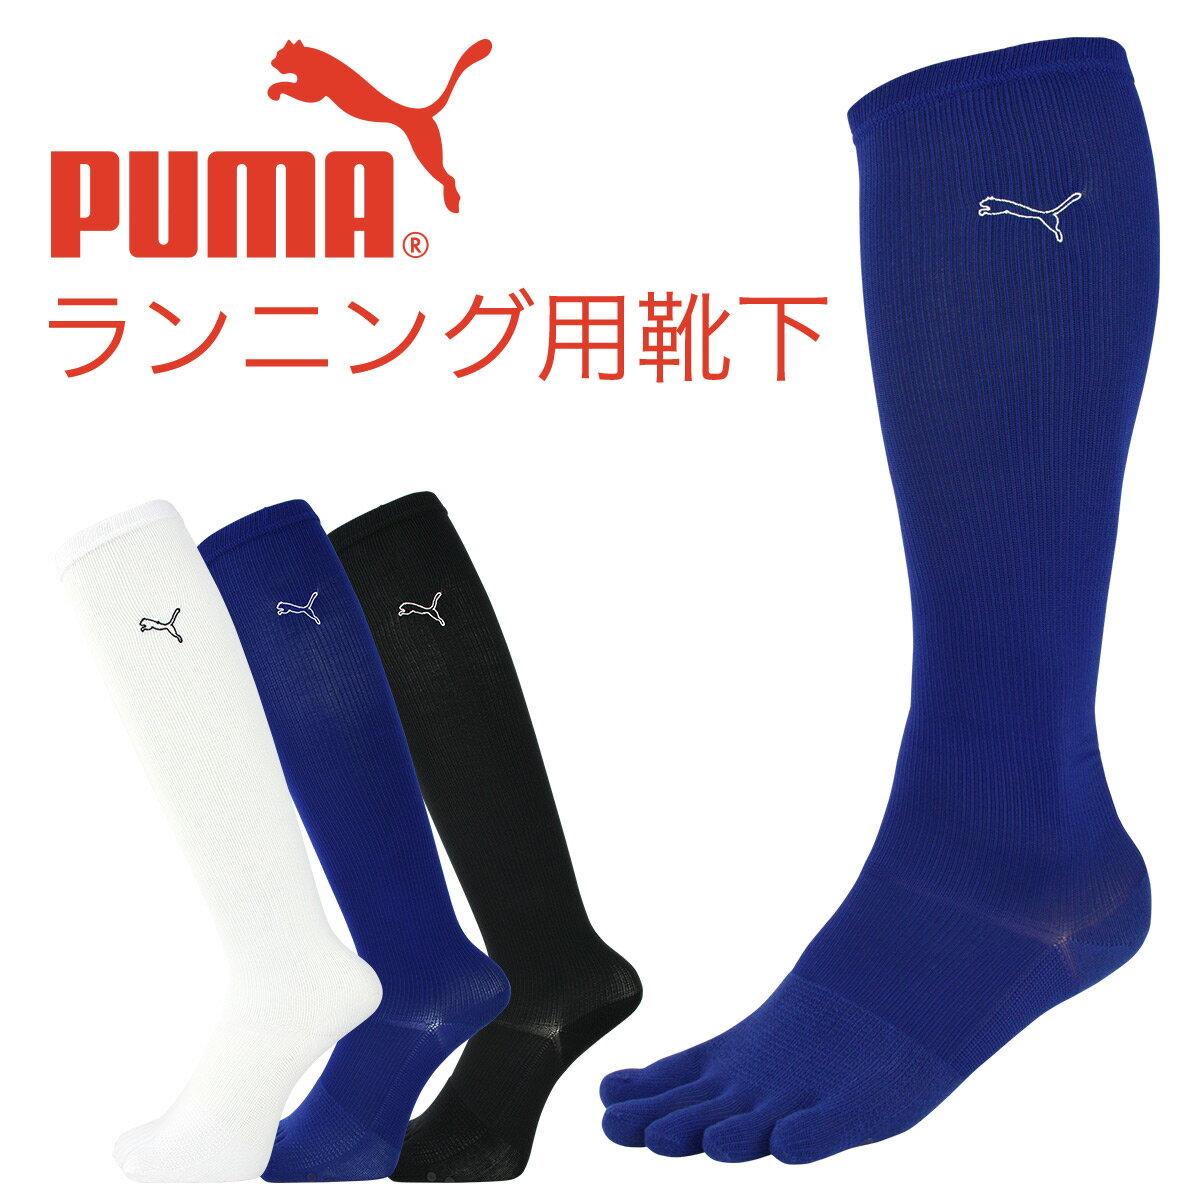 【送料無料】PUMA ( プーマ ) メンズ 段階 着圧 設計5本指・アーチフィットサポート マラソン ハイソックス 着圧 弾性 日本製 靴下 ムクミ エコノミークラス症候群 2822-228ポイント10倍